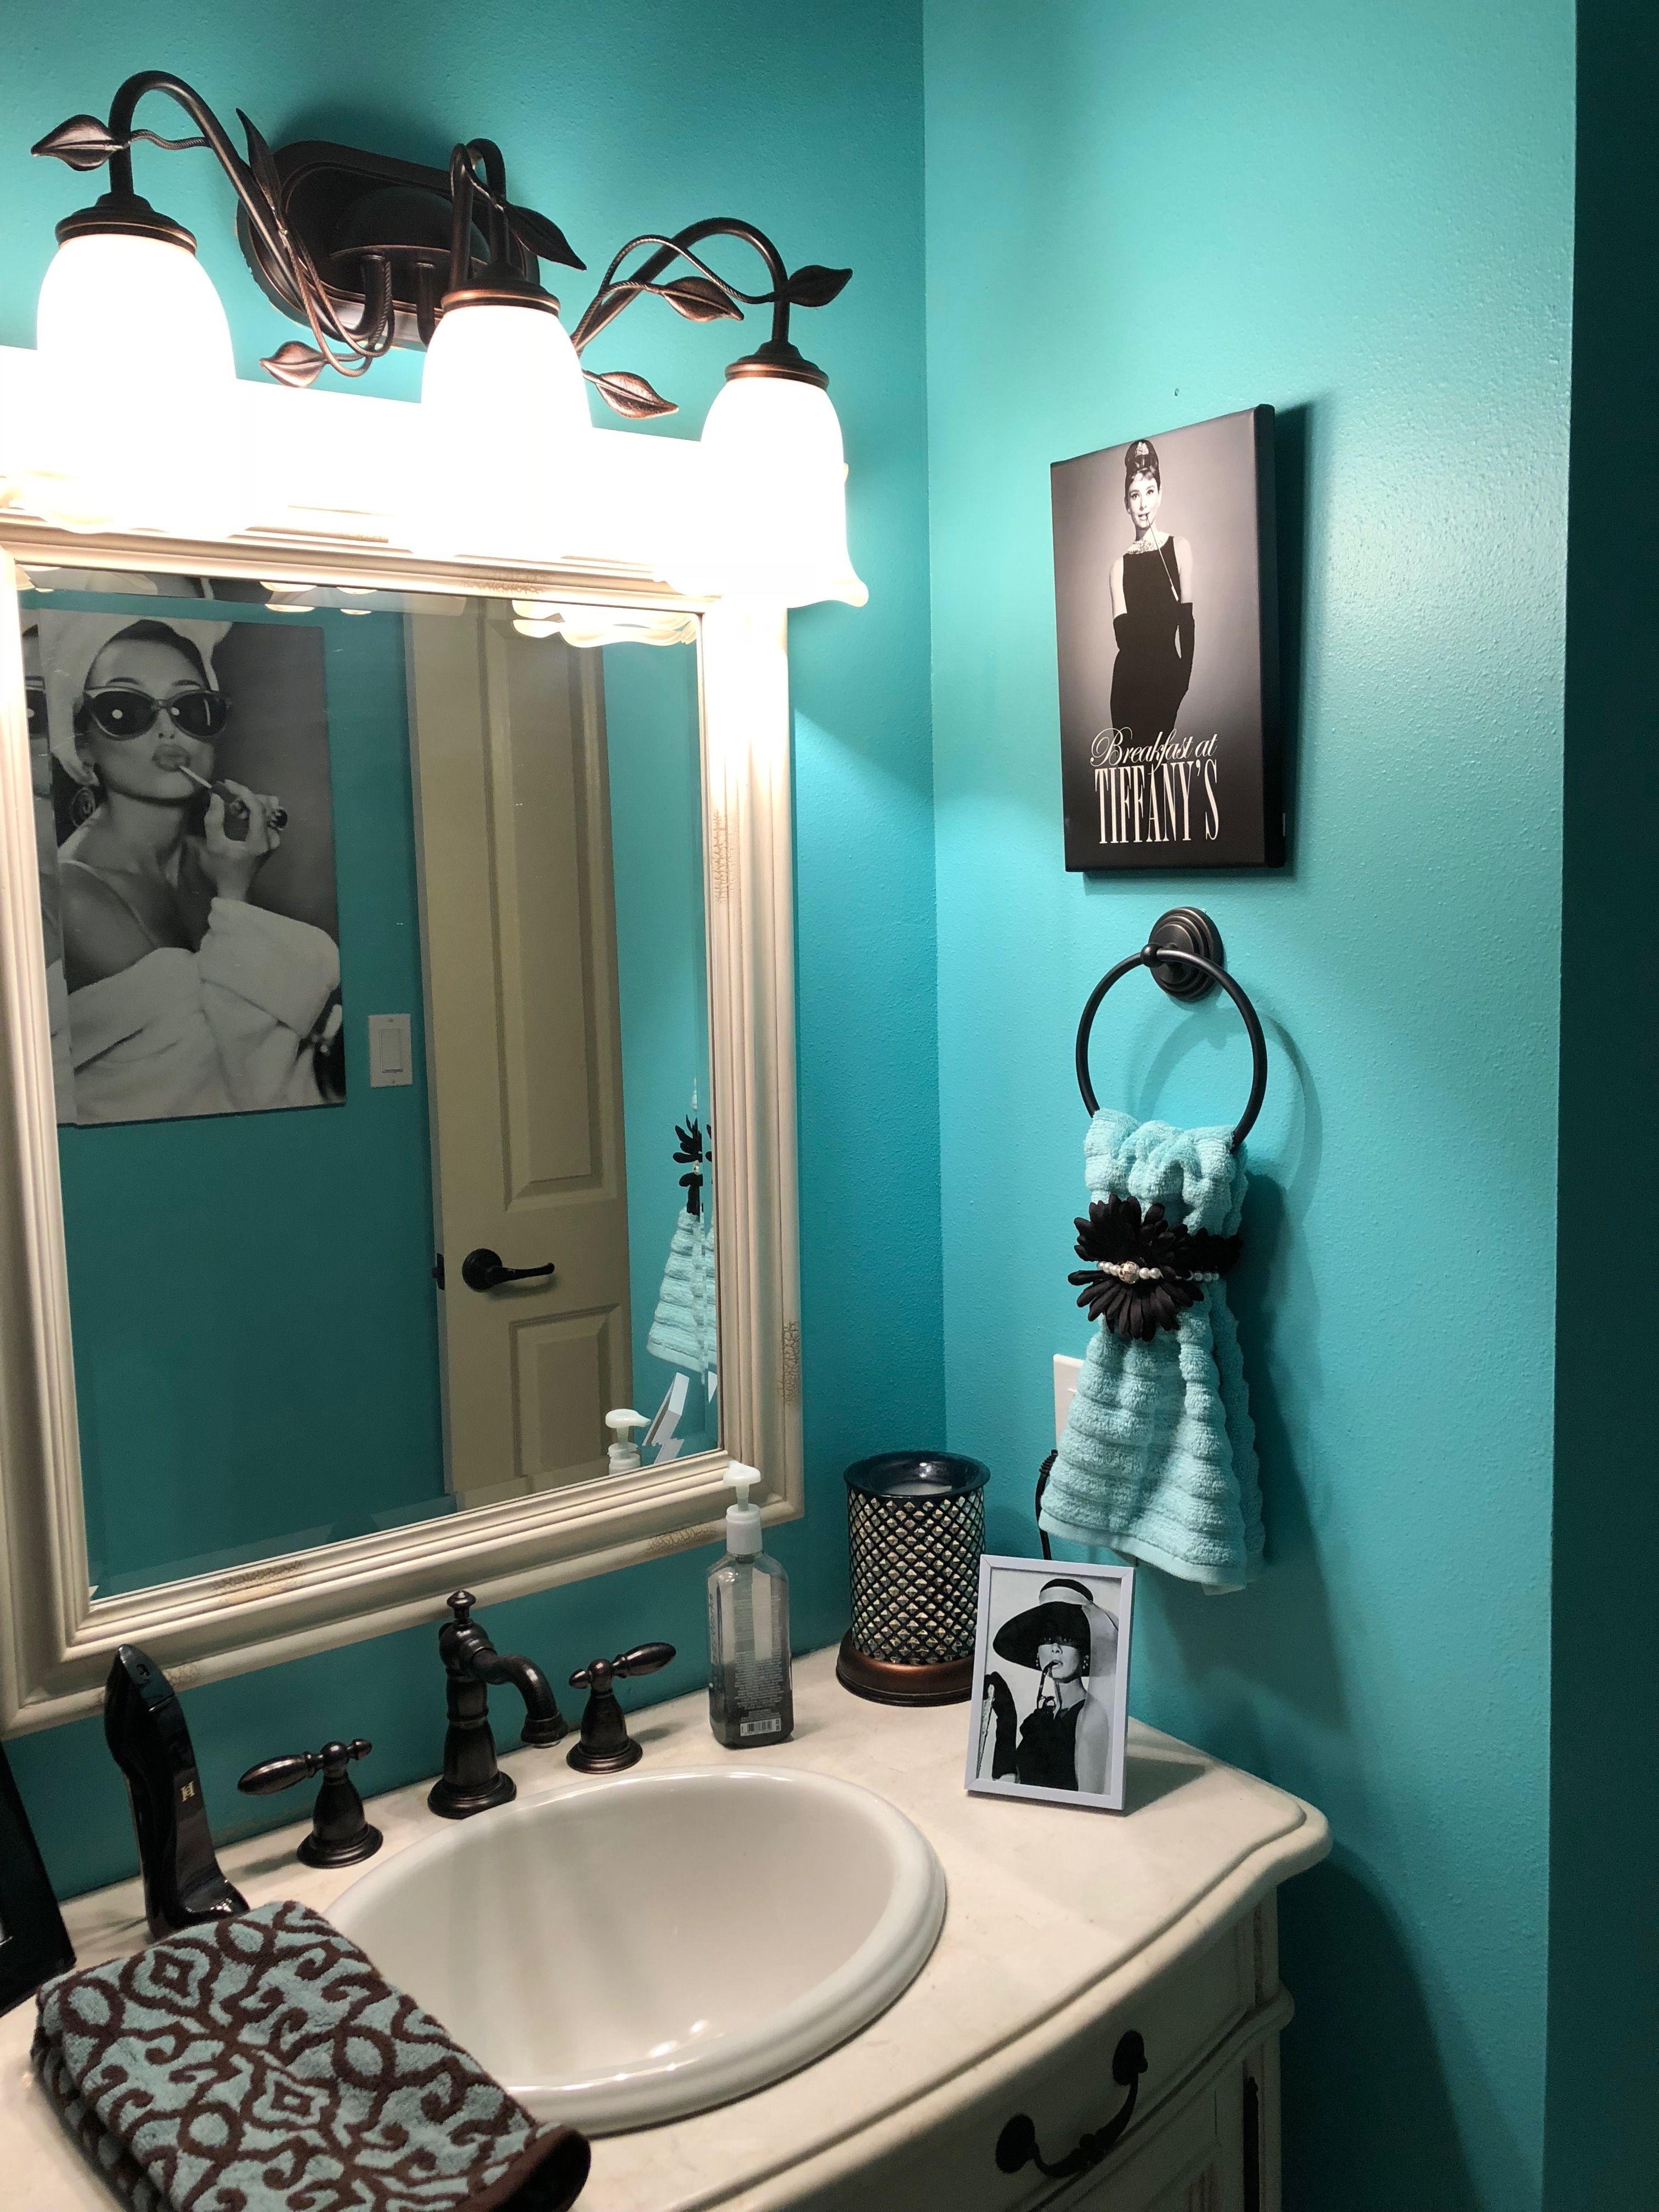 Pin By Cynthia Arceneaux Lulu On Breakfast At Tiffany S Bathroom